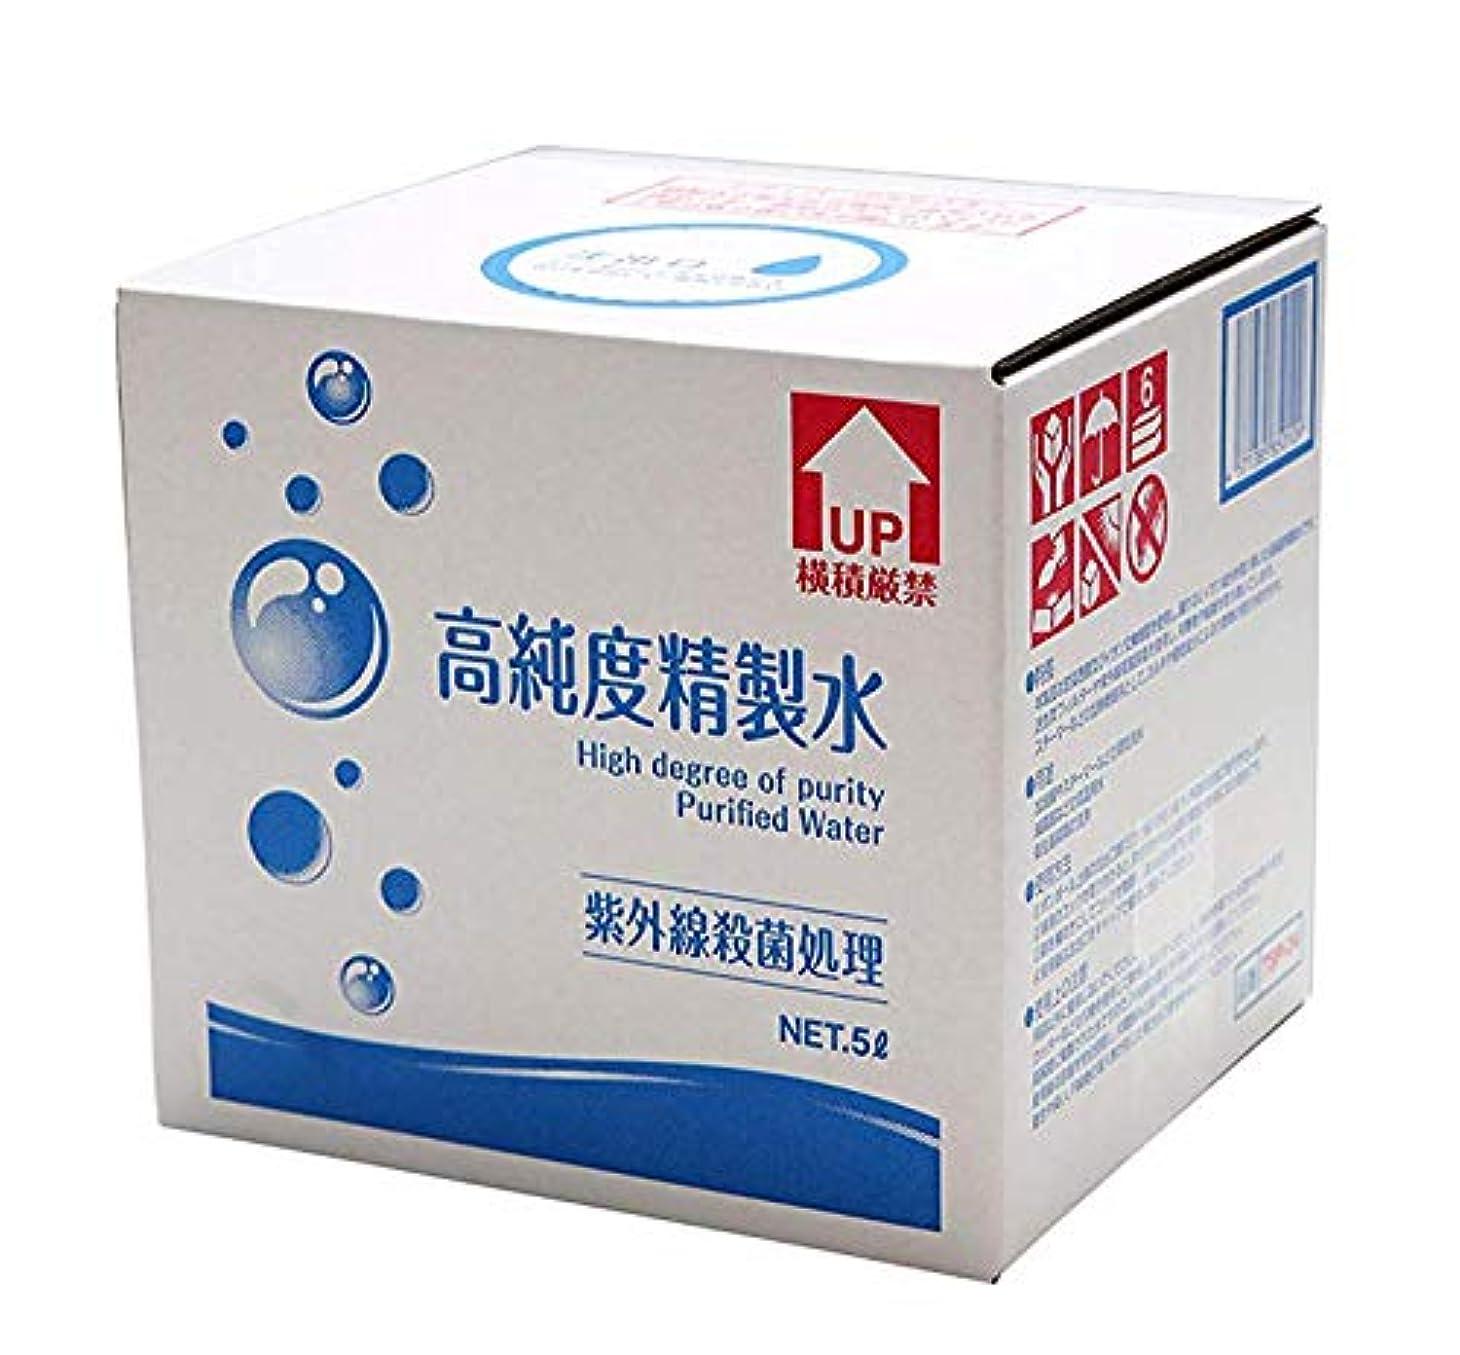 にやにや鰐海軍サンエイ化学 高純度精製水 純水 5L×4箱 コックなし 【スチーマー 加湿器 CPAP 呼吸器 美顔器 エステ 歯科】